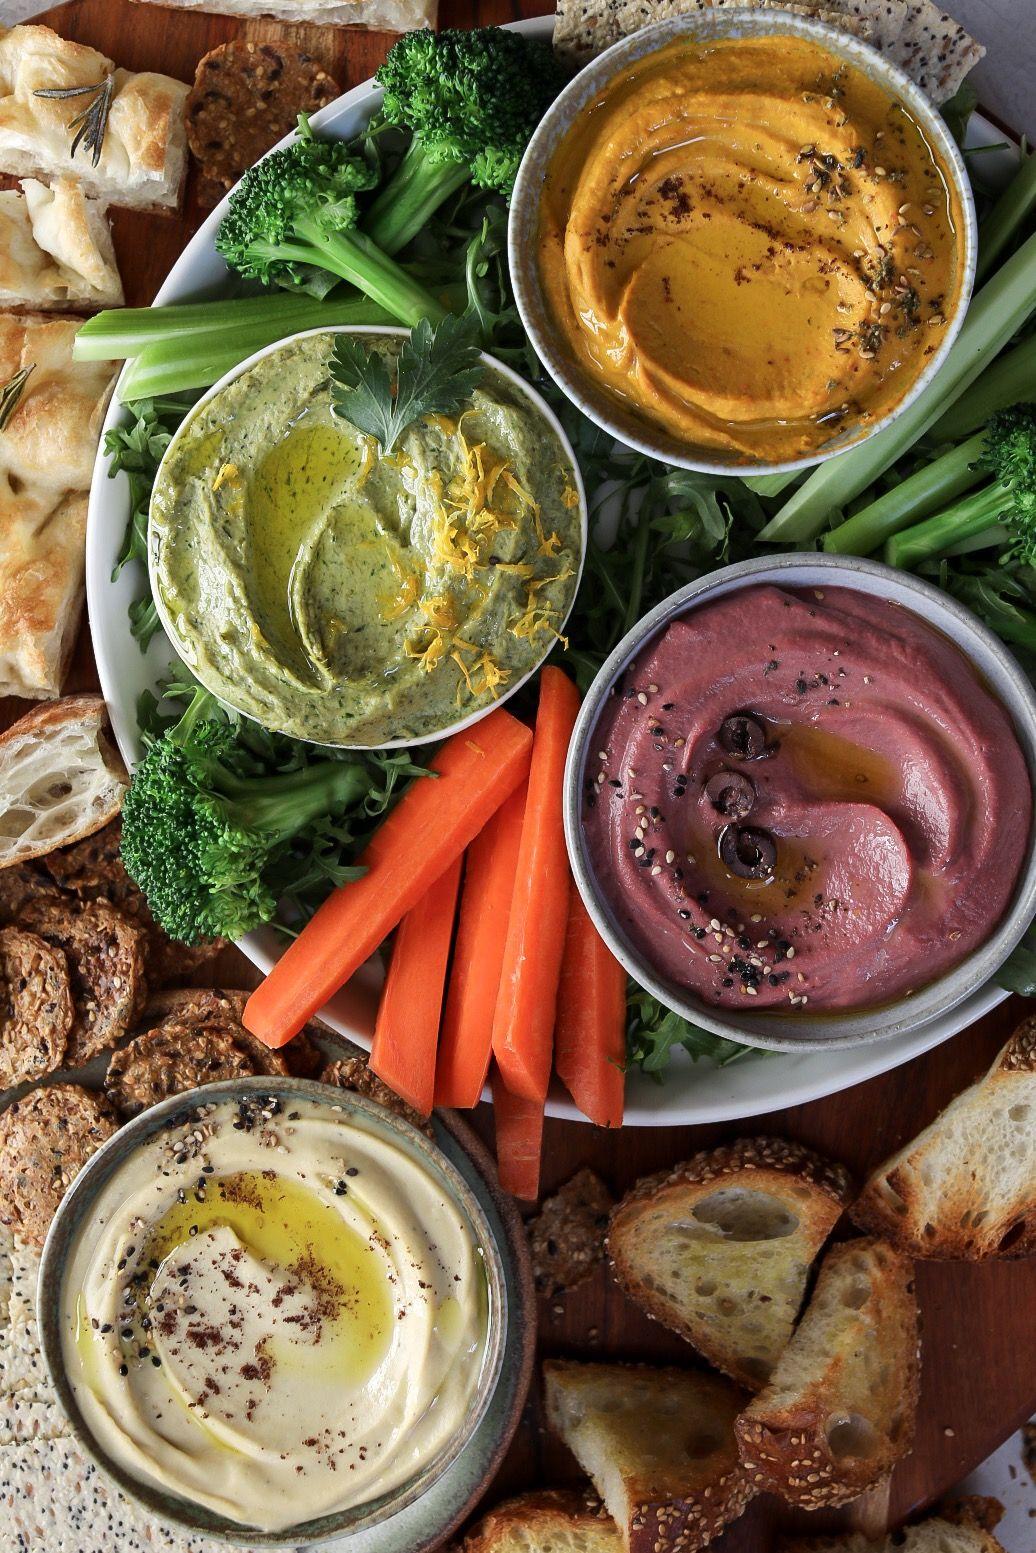 Roasted Veggie Hummus Platter